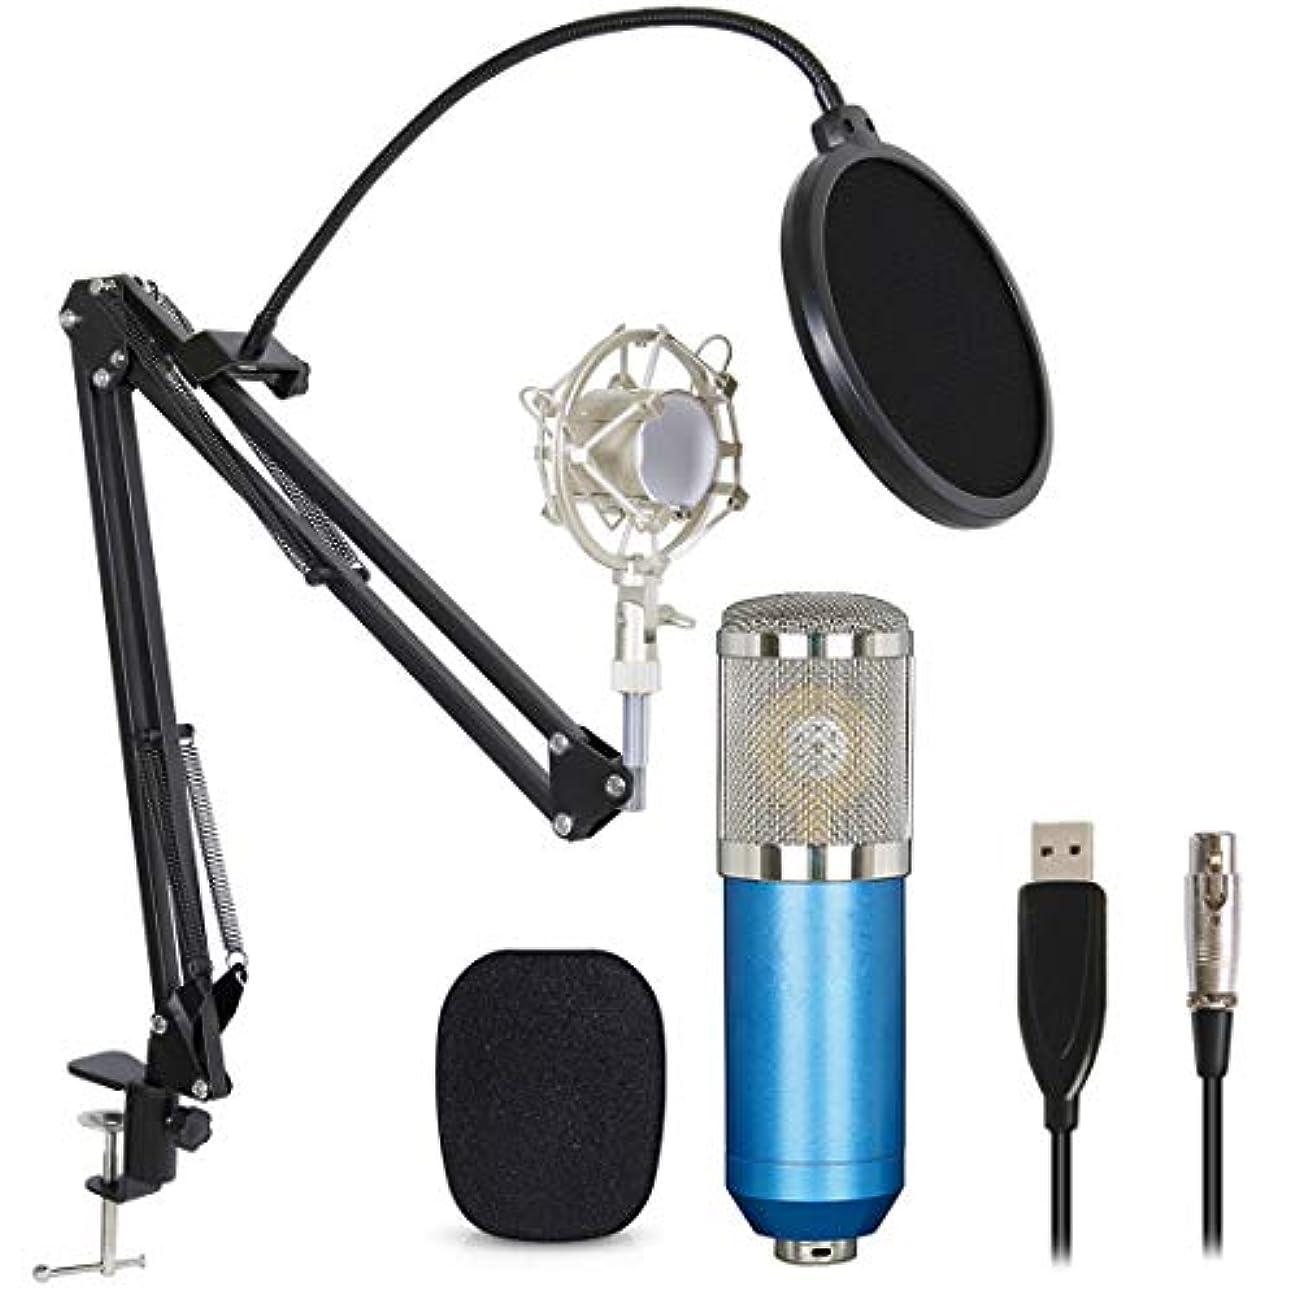 安全でない爆弾端プロフェッショナル USBコンデンサーマイクバンドル BM800 XLR 3ピンマイクキット 調整可能なブームシザーアームスタンド付き ショックマウント ポップフィルターUSBオーディオケーブル コンピュータ Youtube Singing Studio 記録用 L ブルー